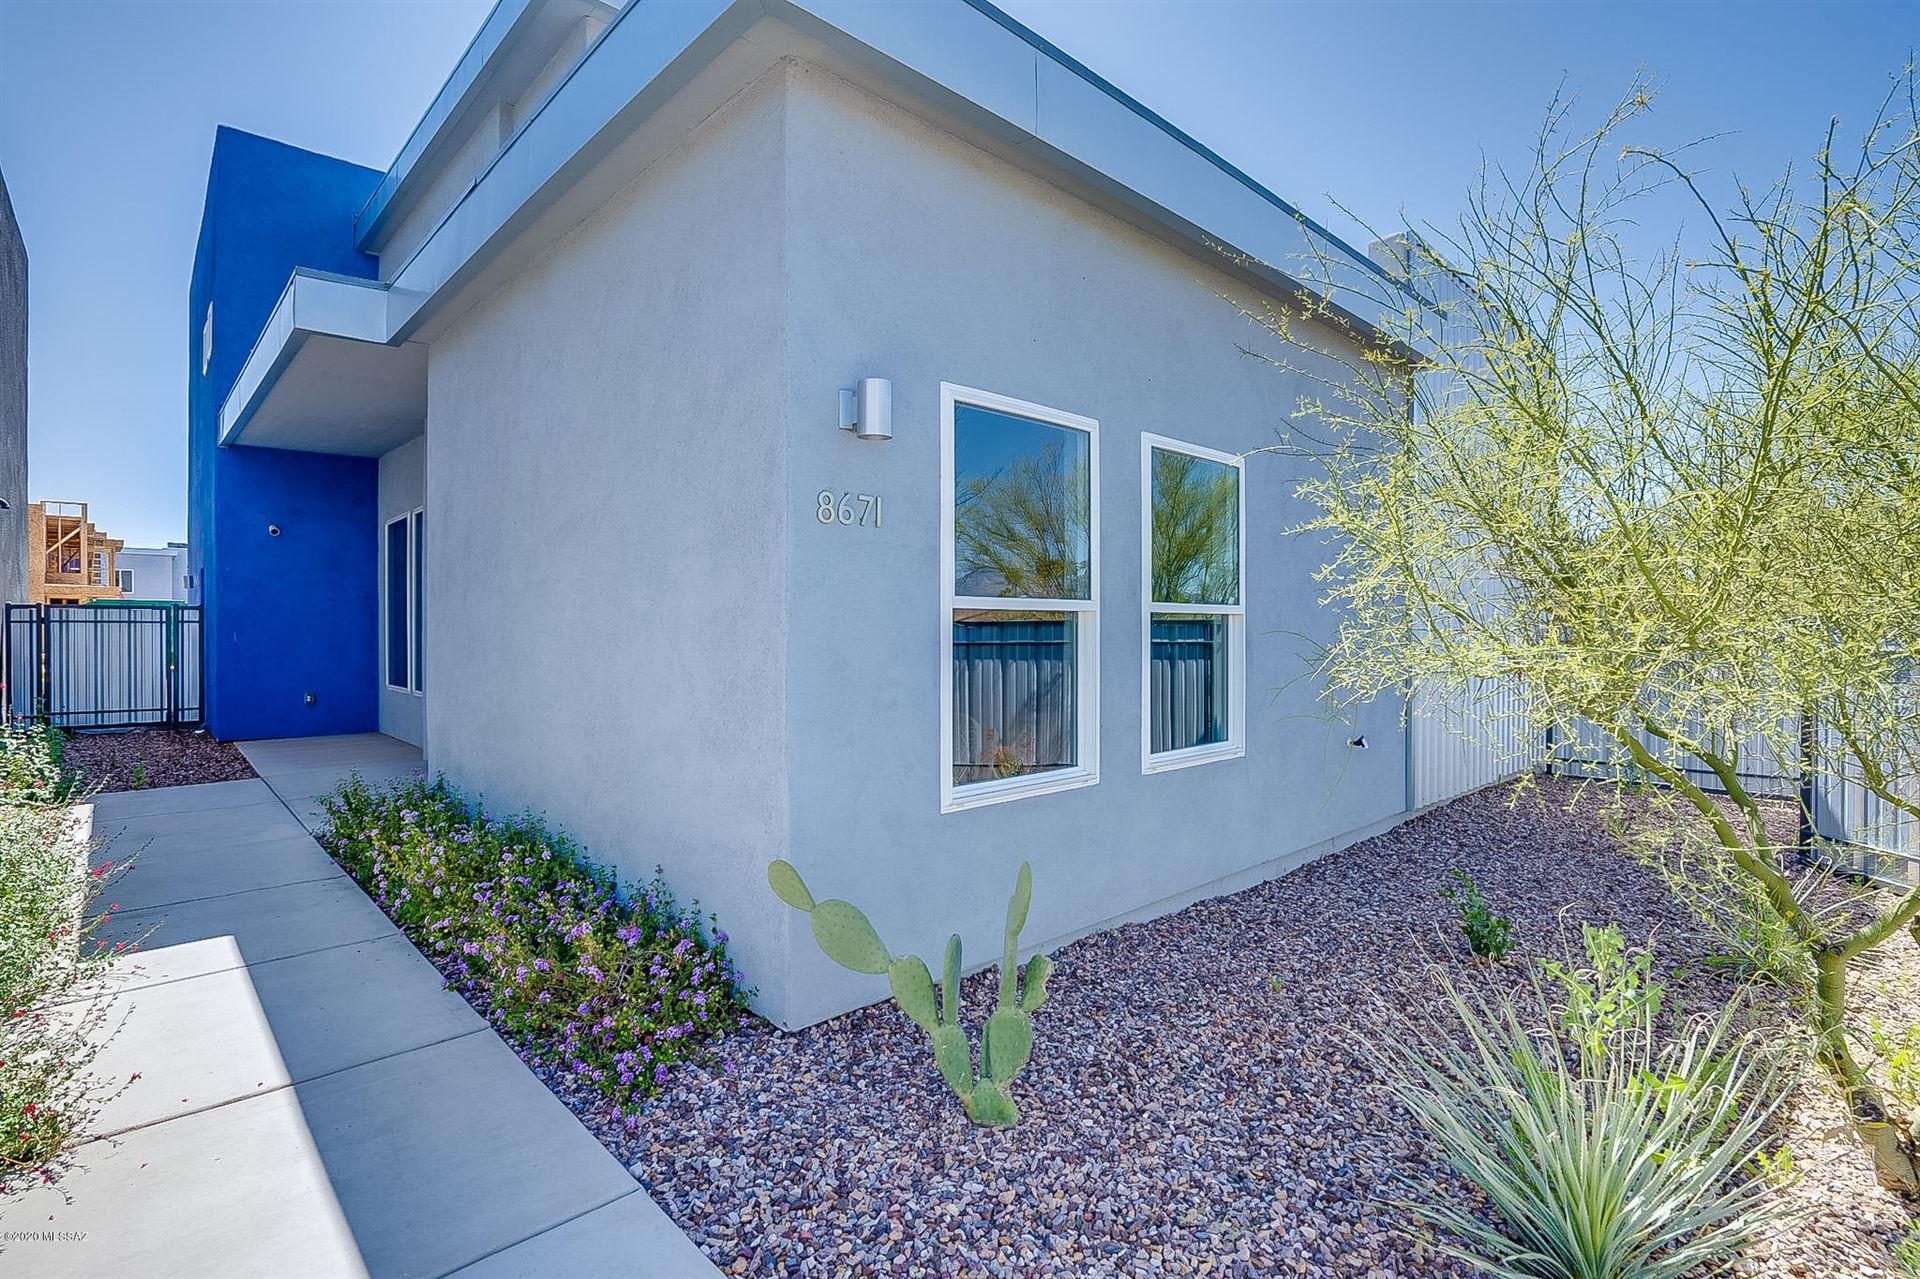 8671 E Avant Garde Way, Tucson, AZ 85710 - MLS#: 21918295